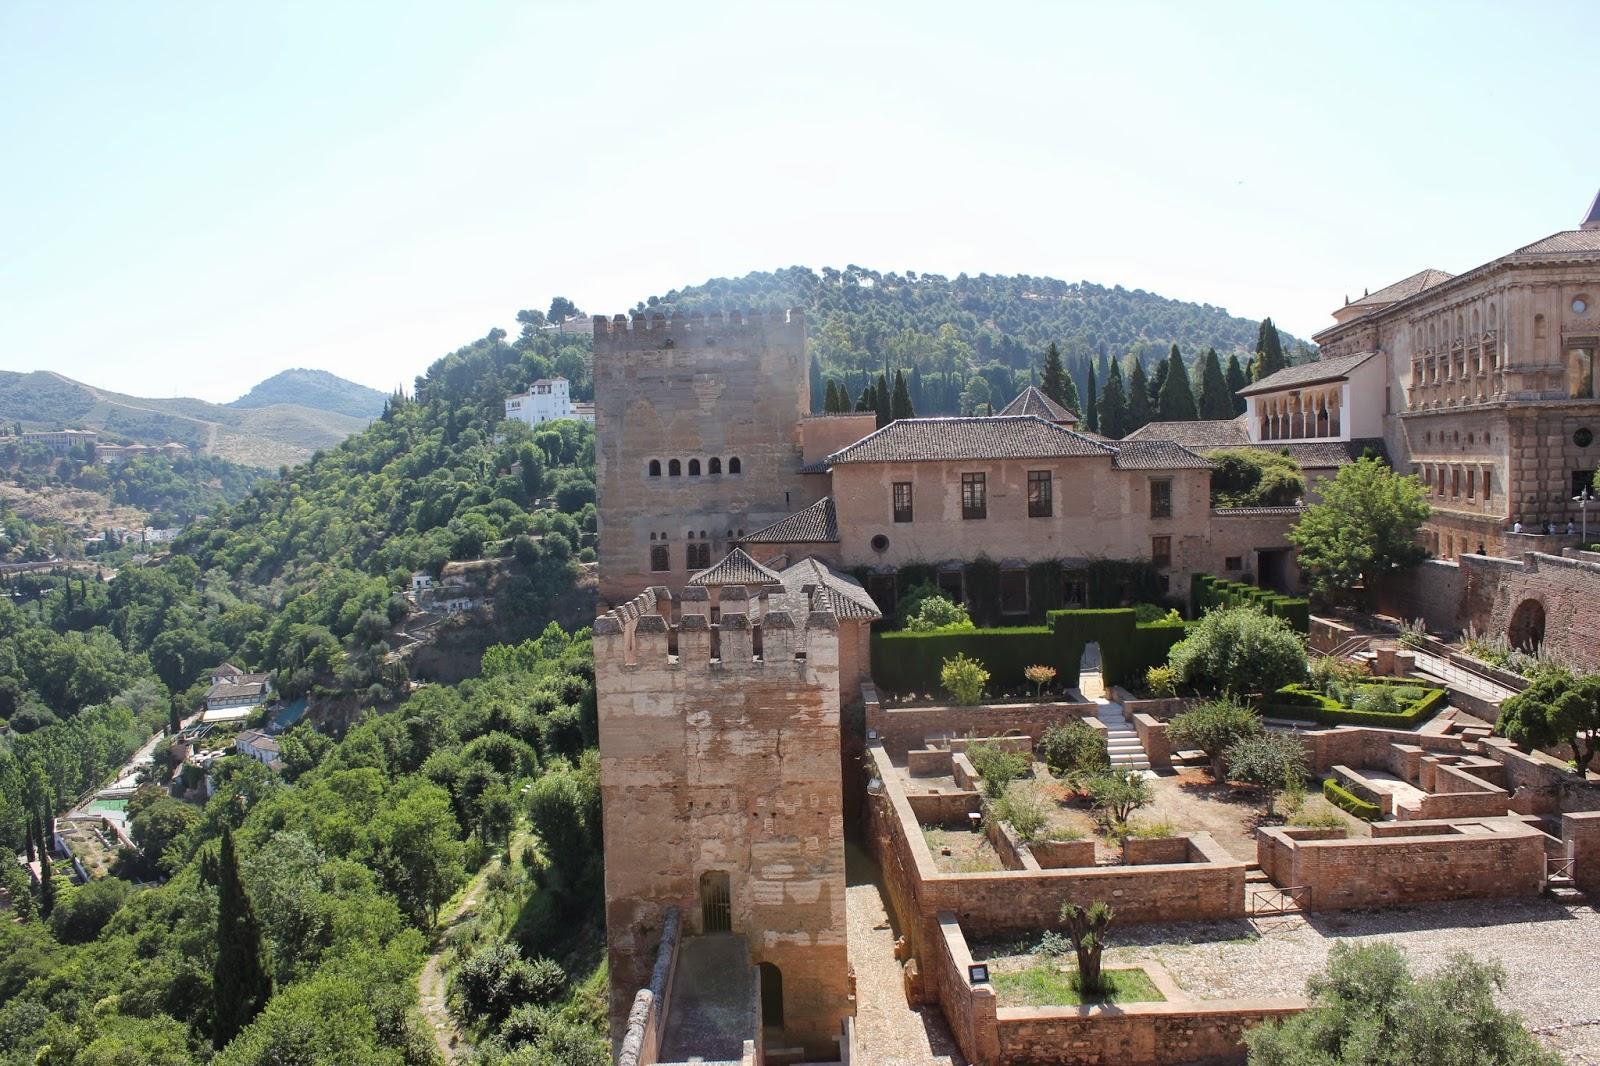 Maravillas ocultas de espa a granada la alhambra i el - Residencia los jardines granada ...